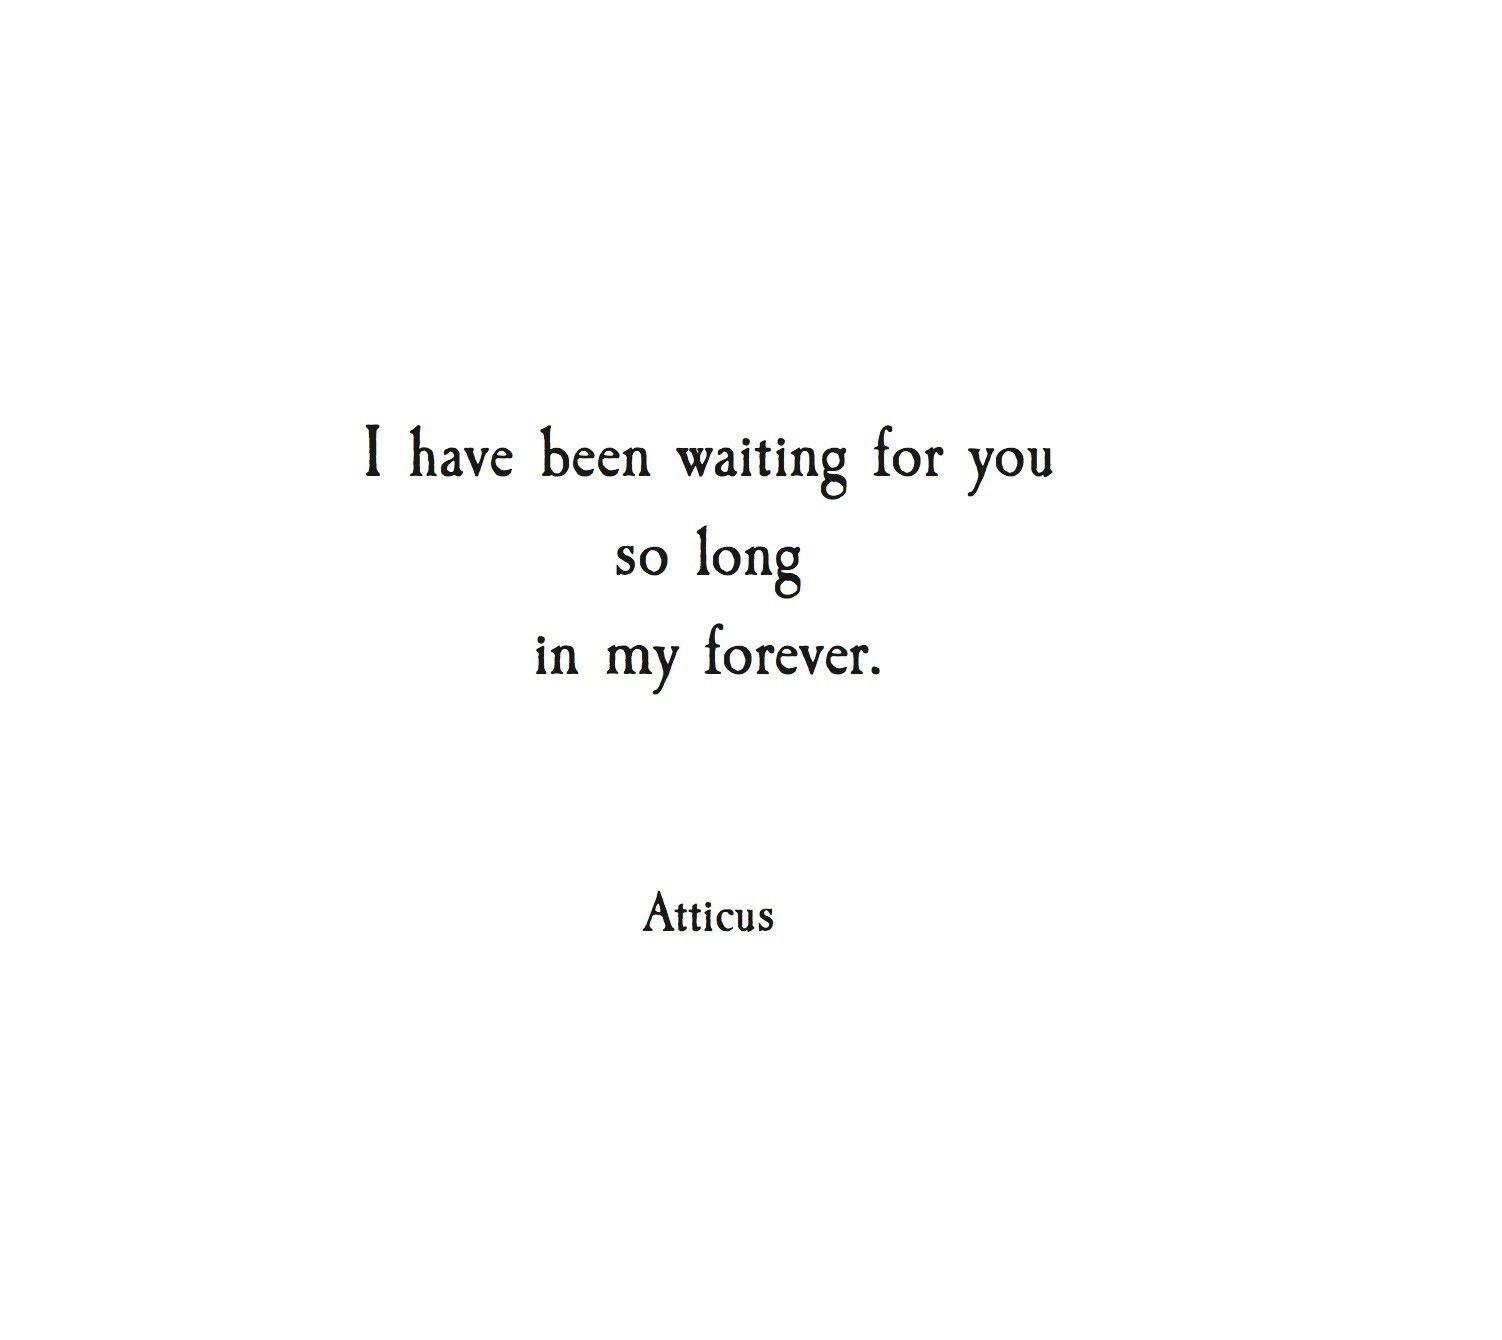 ᴘɪɴᴛᴇʀᴇsá´› ᴋᴀᴛᴇʀɪᴄᴀᴍᴘʙᴇʟʟ · True Love Waits QuotesLove Waiting